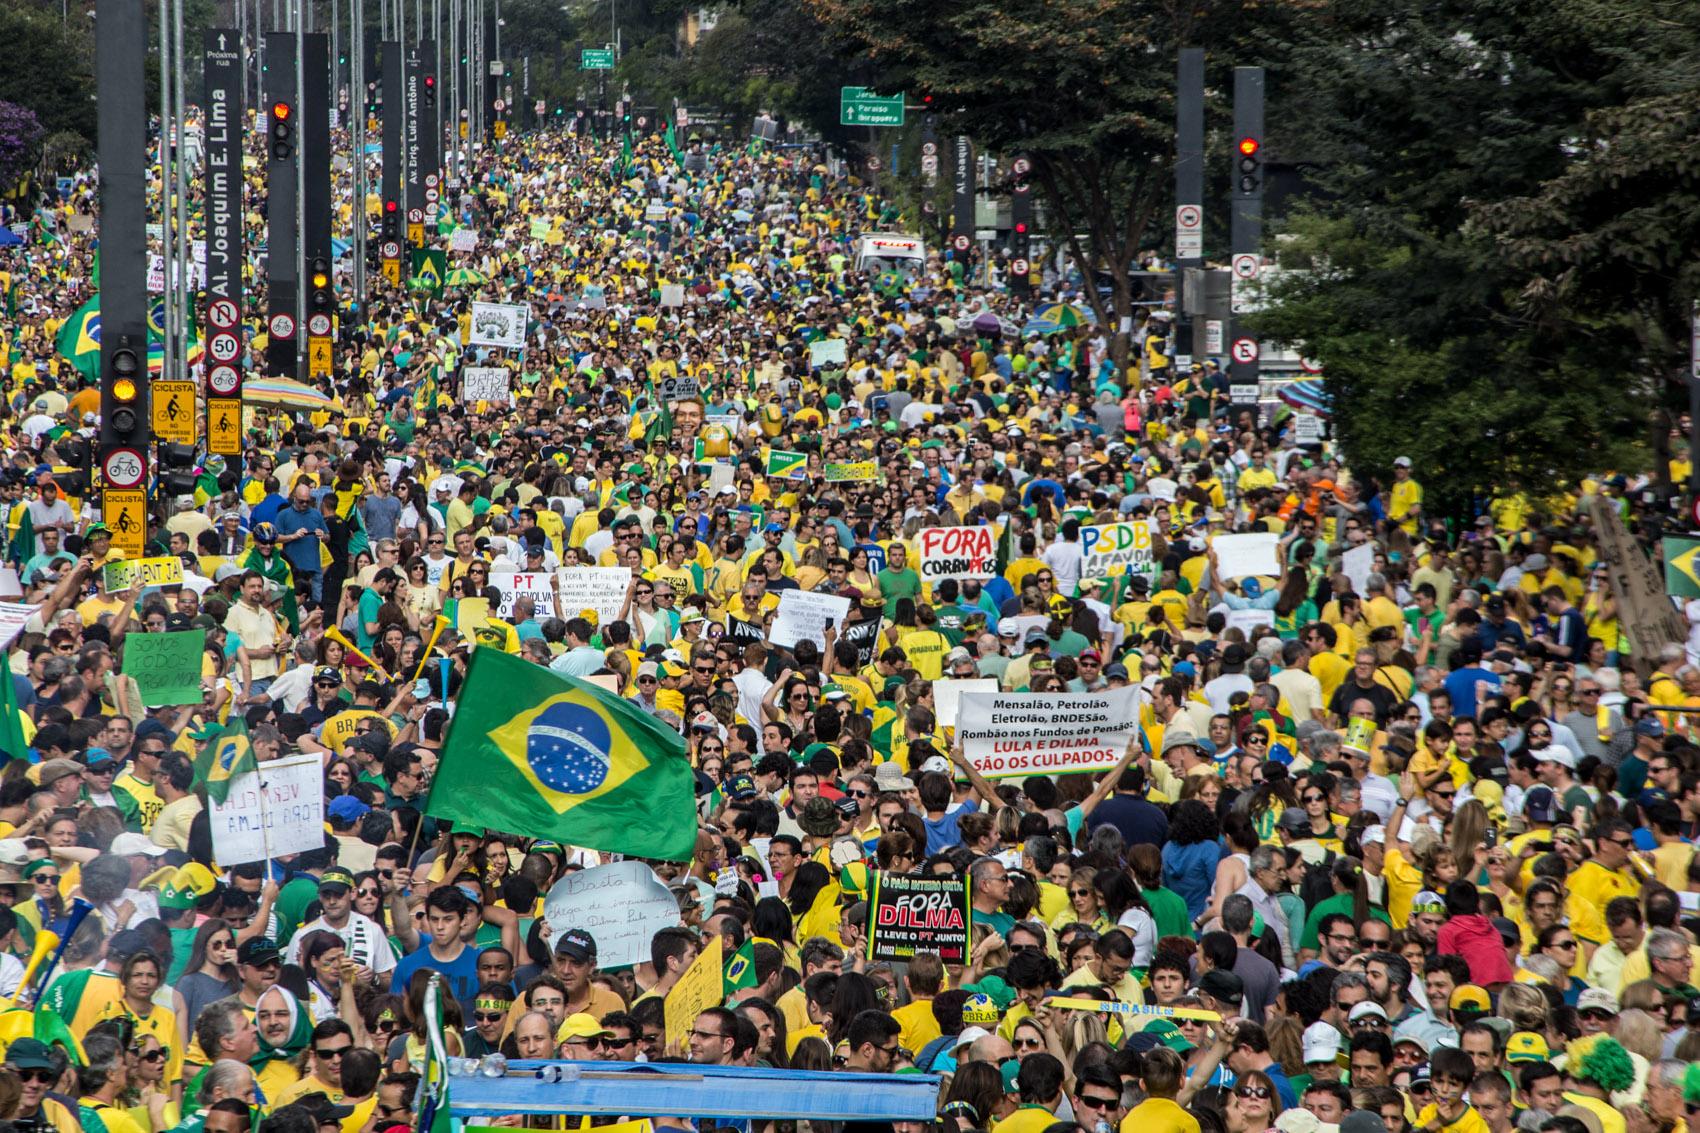 SÃO PAULO - Multidão participa de protesto contra a presidente Dilma Rousseff na Avenida Paulista